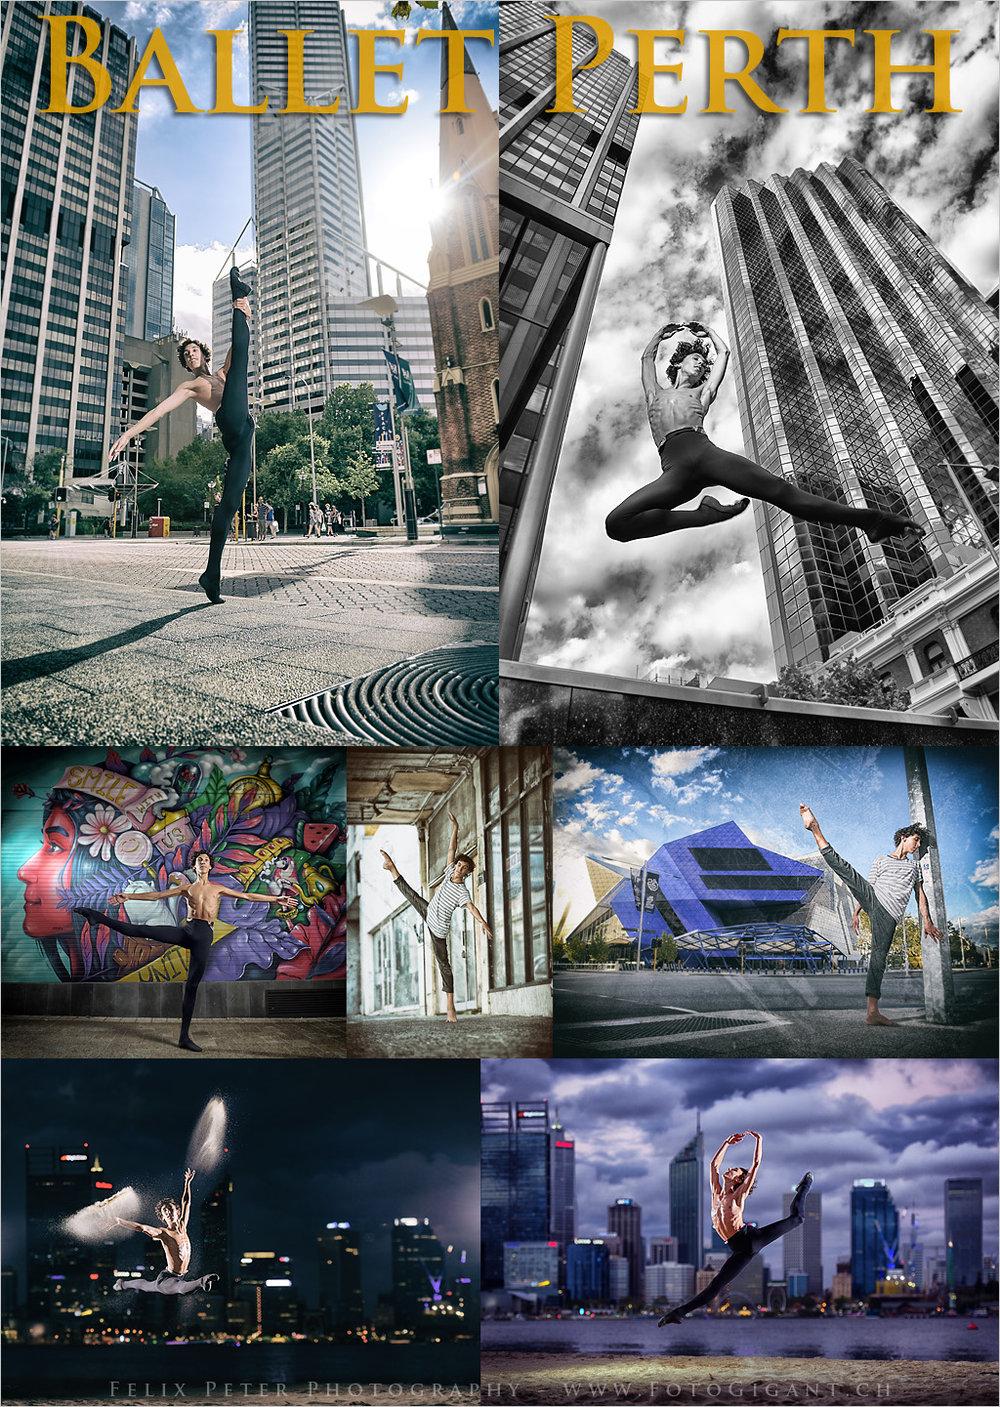 2018-02-03_Ballet-Perth_Tyler-Lindsay.jpg